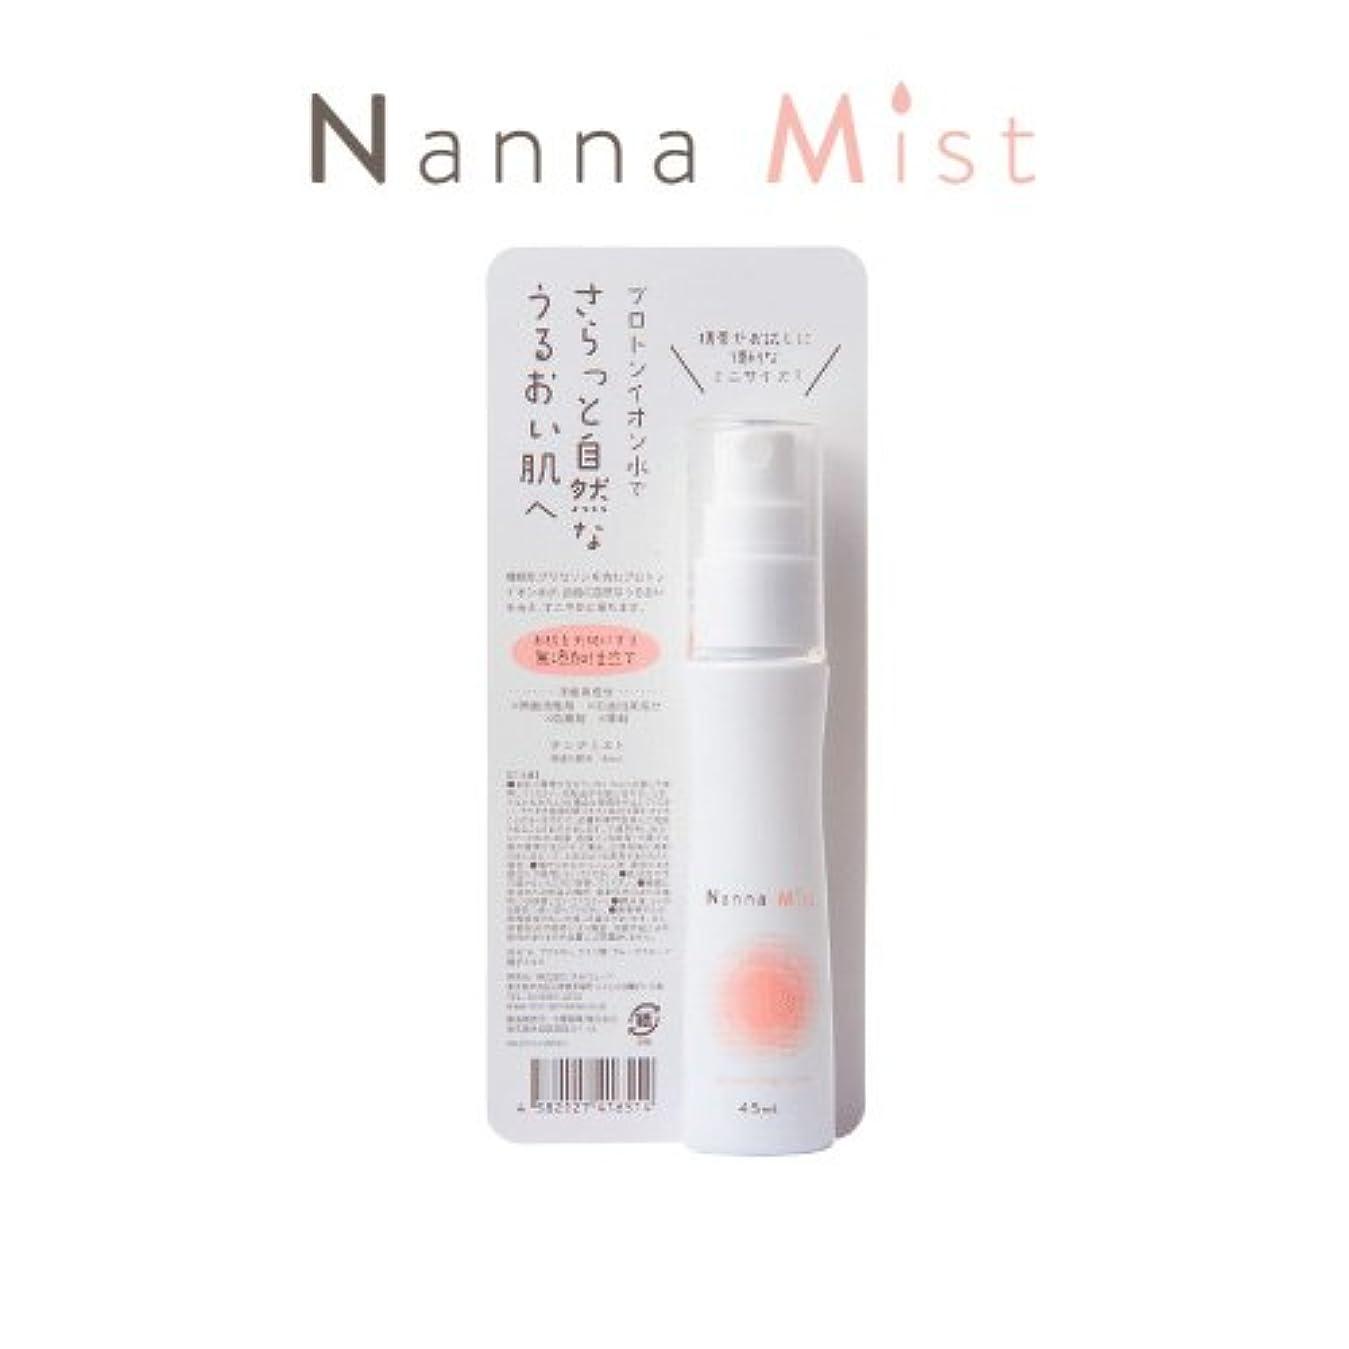 ナンナミスト-Nanna Mist- (保湿化粧水) 45ml 〔携帯用〕